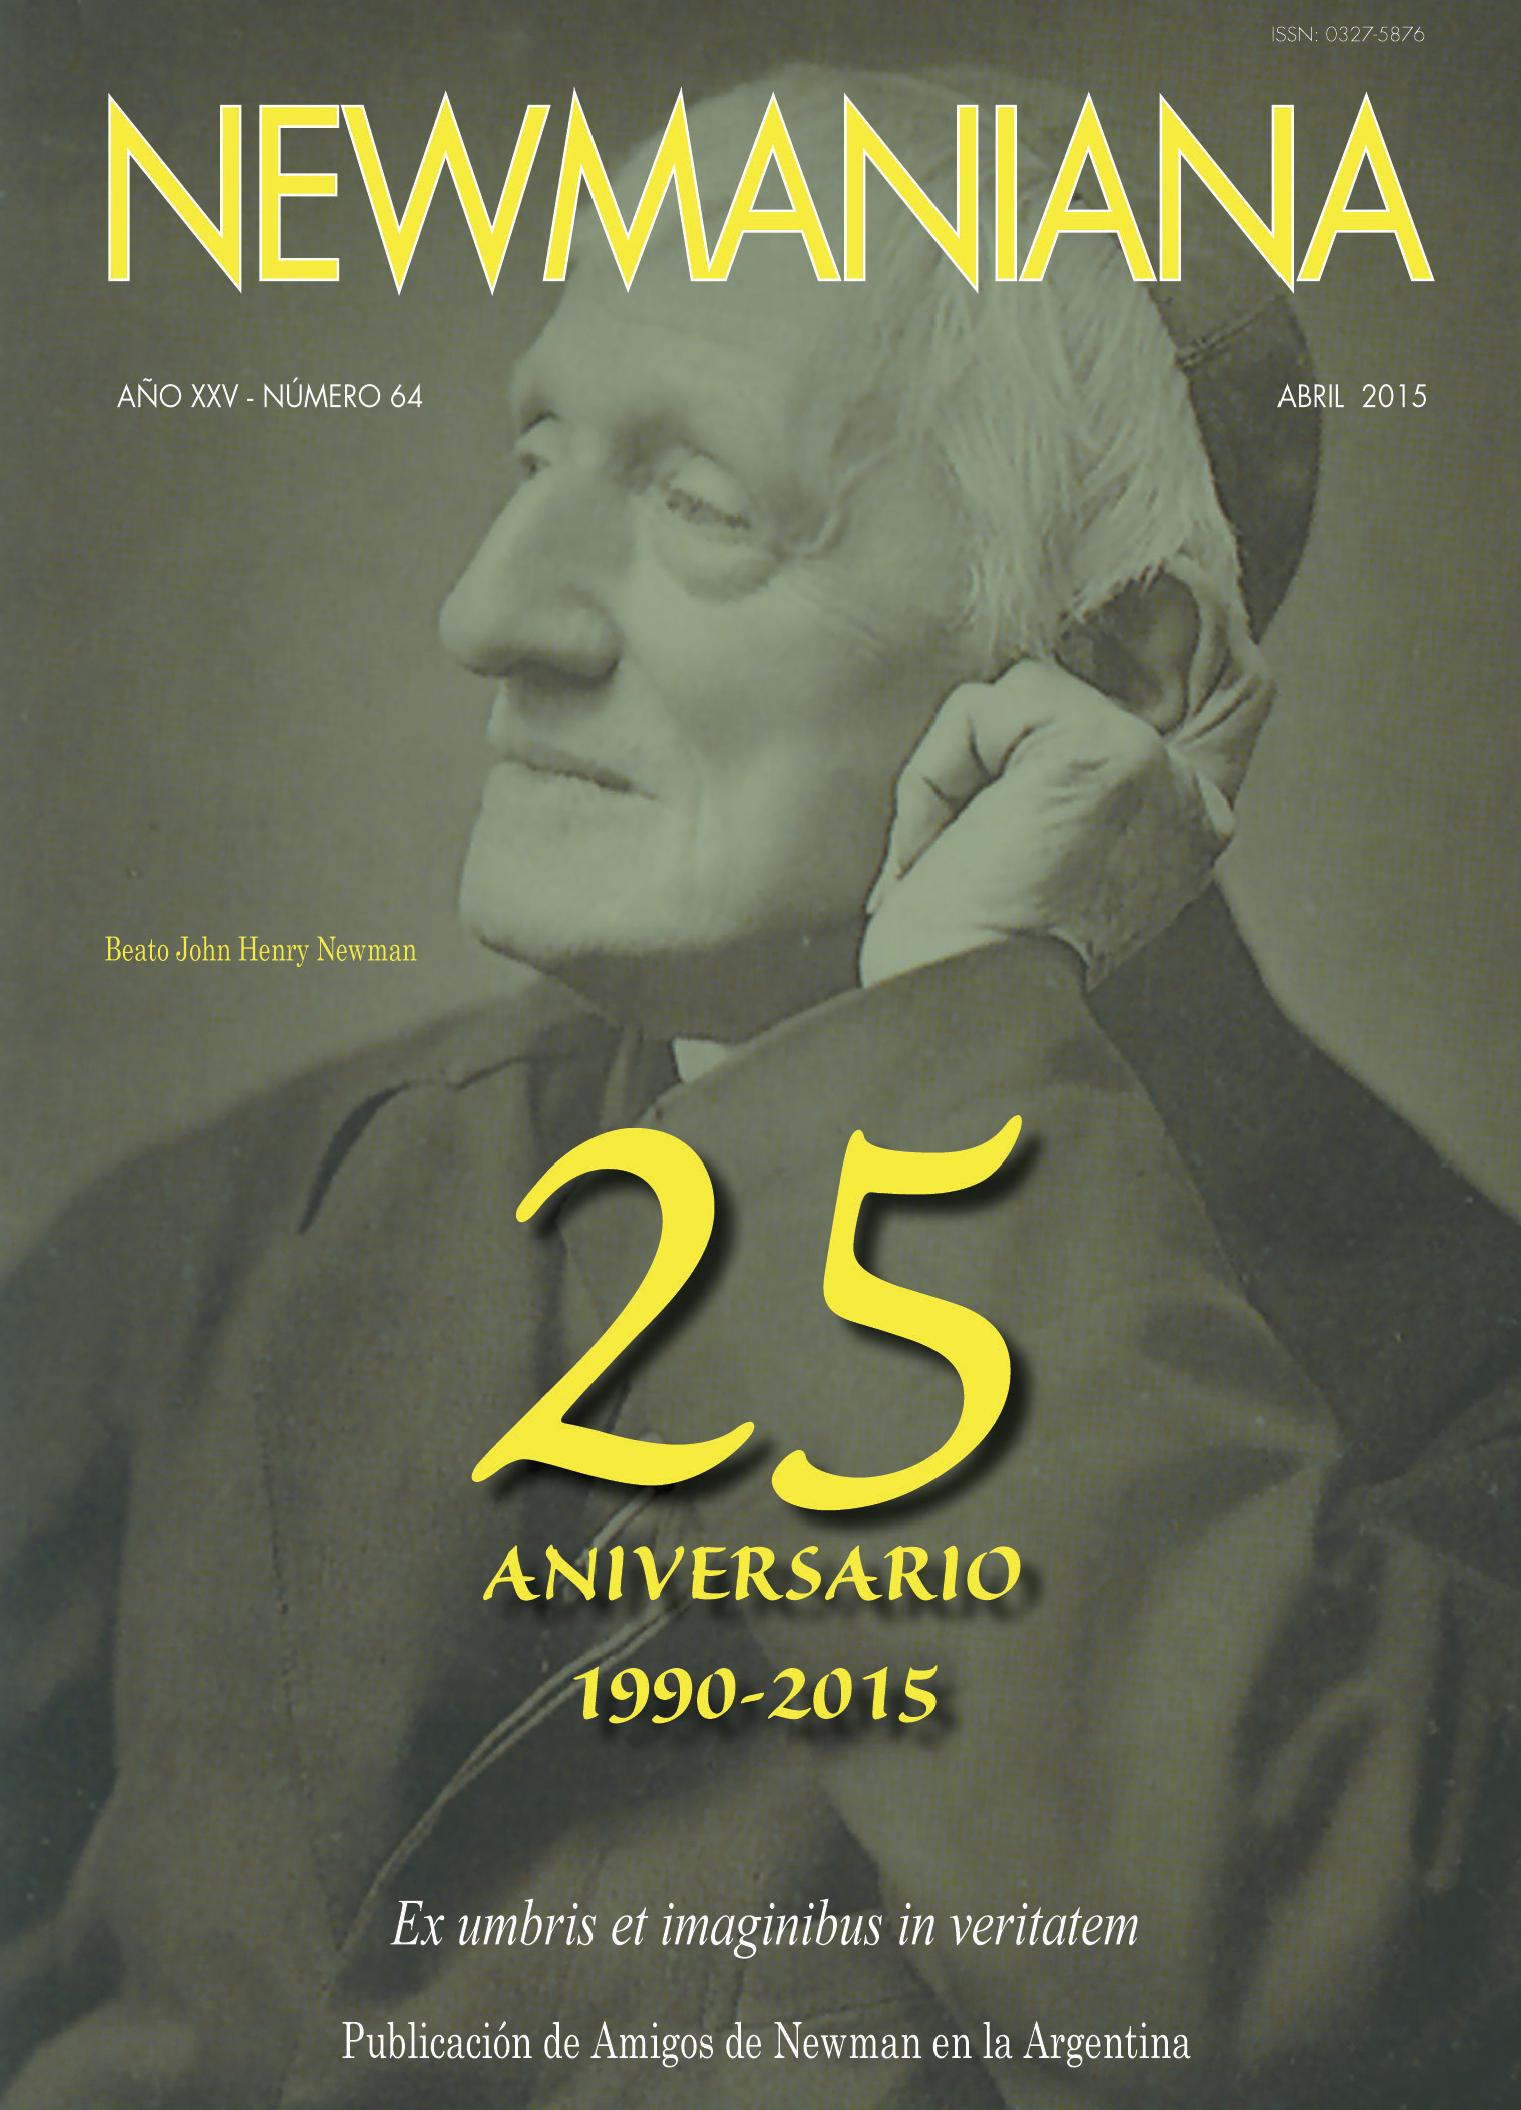 Revista Newmaniana N° 64 – Abril 2015